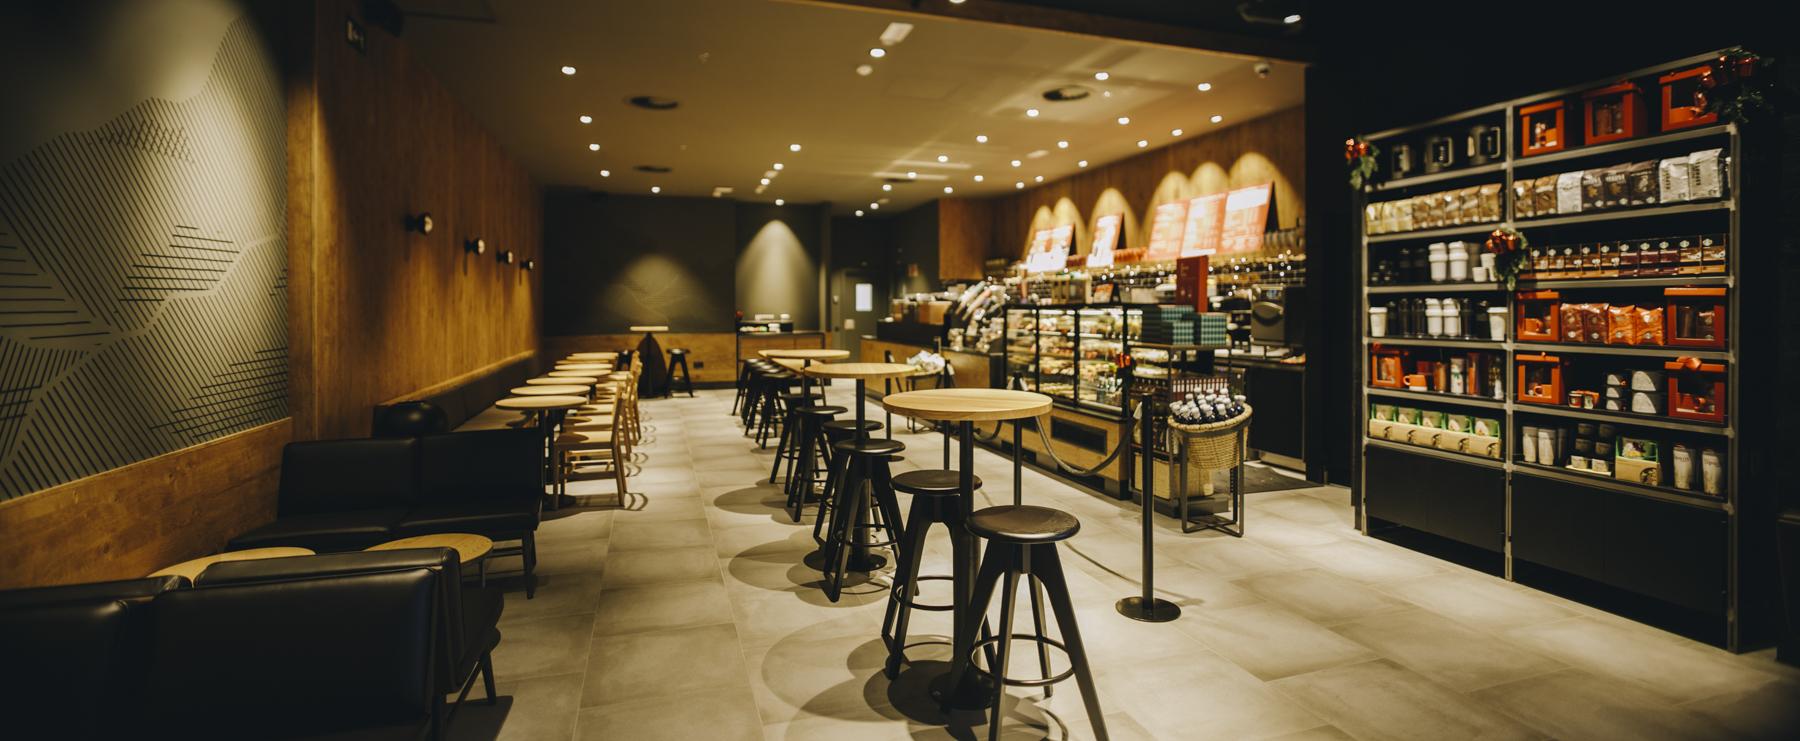 Starbucks amplía su red en Barcelona